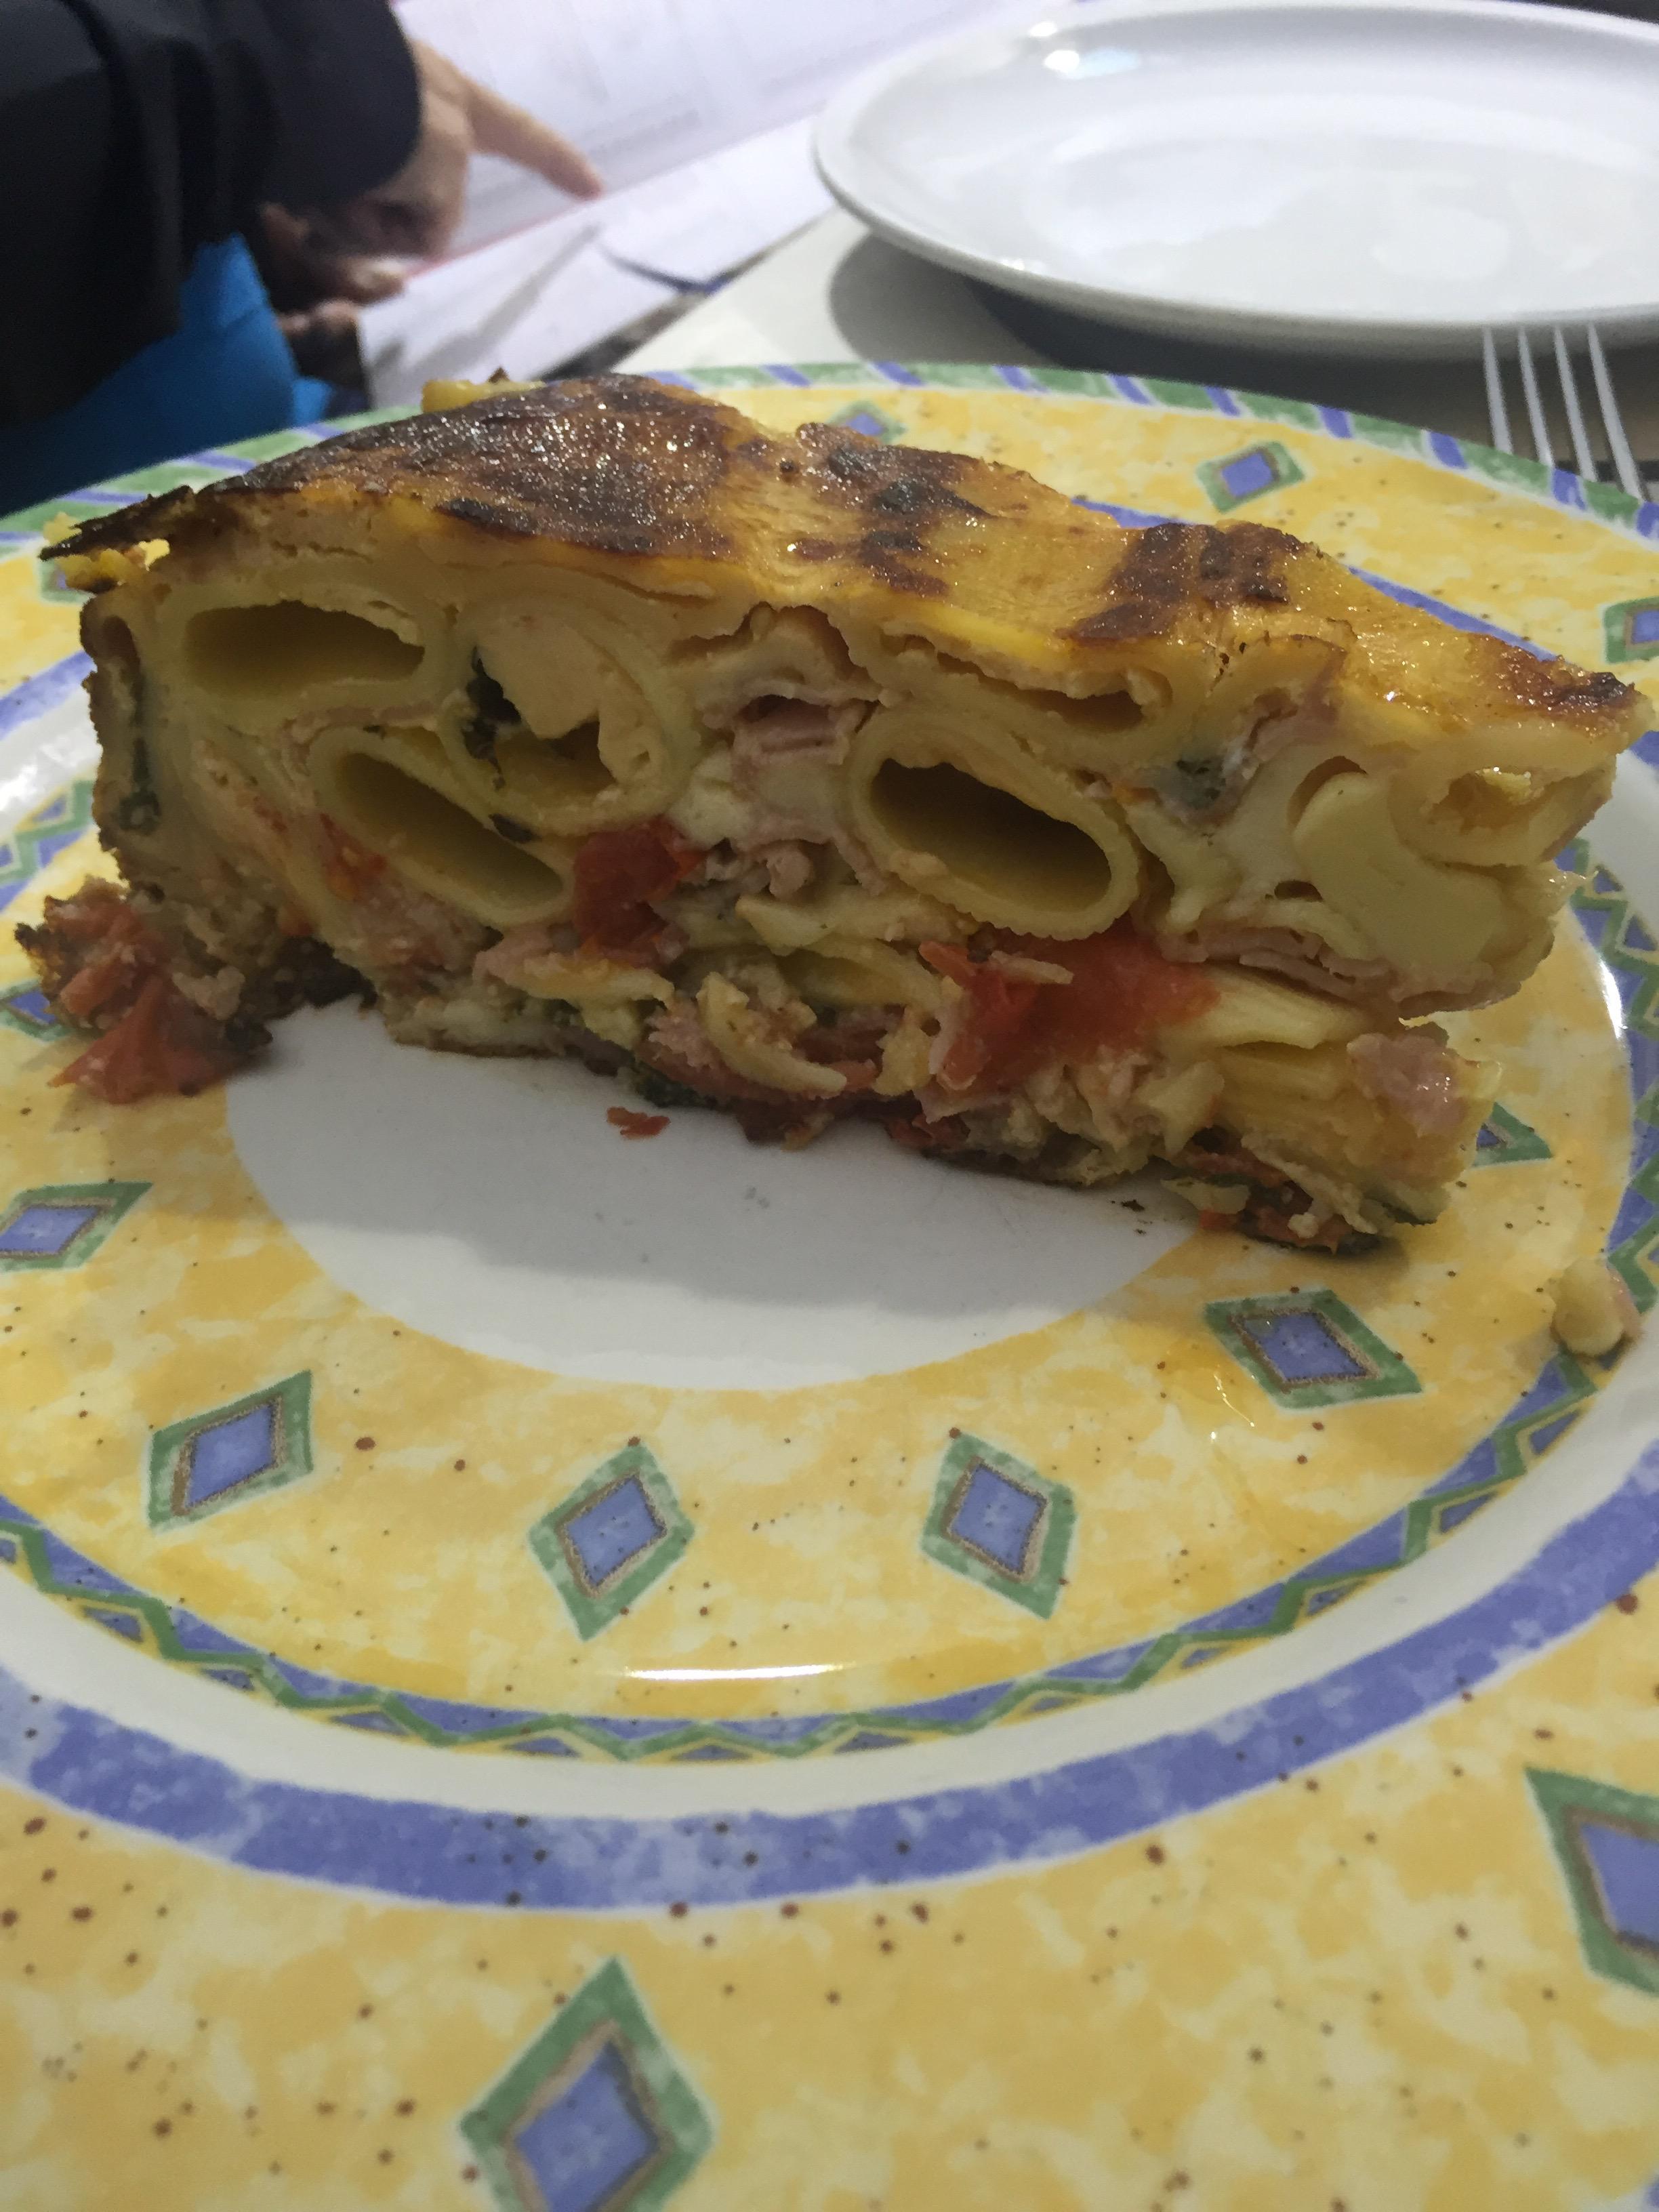 Frittata di maccheroni at Ristorante Mattozzi in Naples.